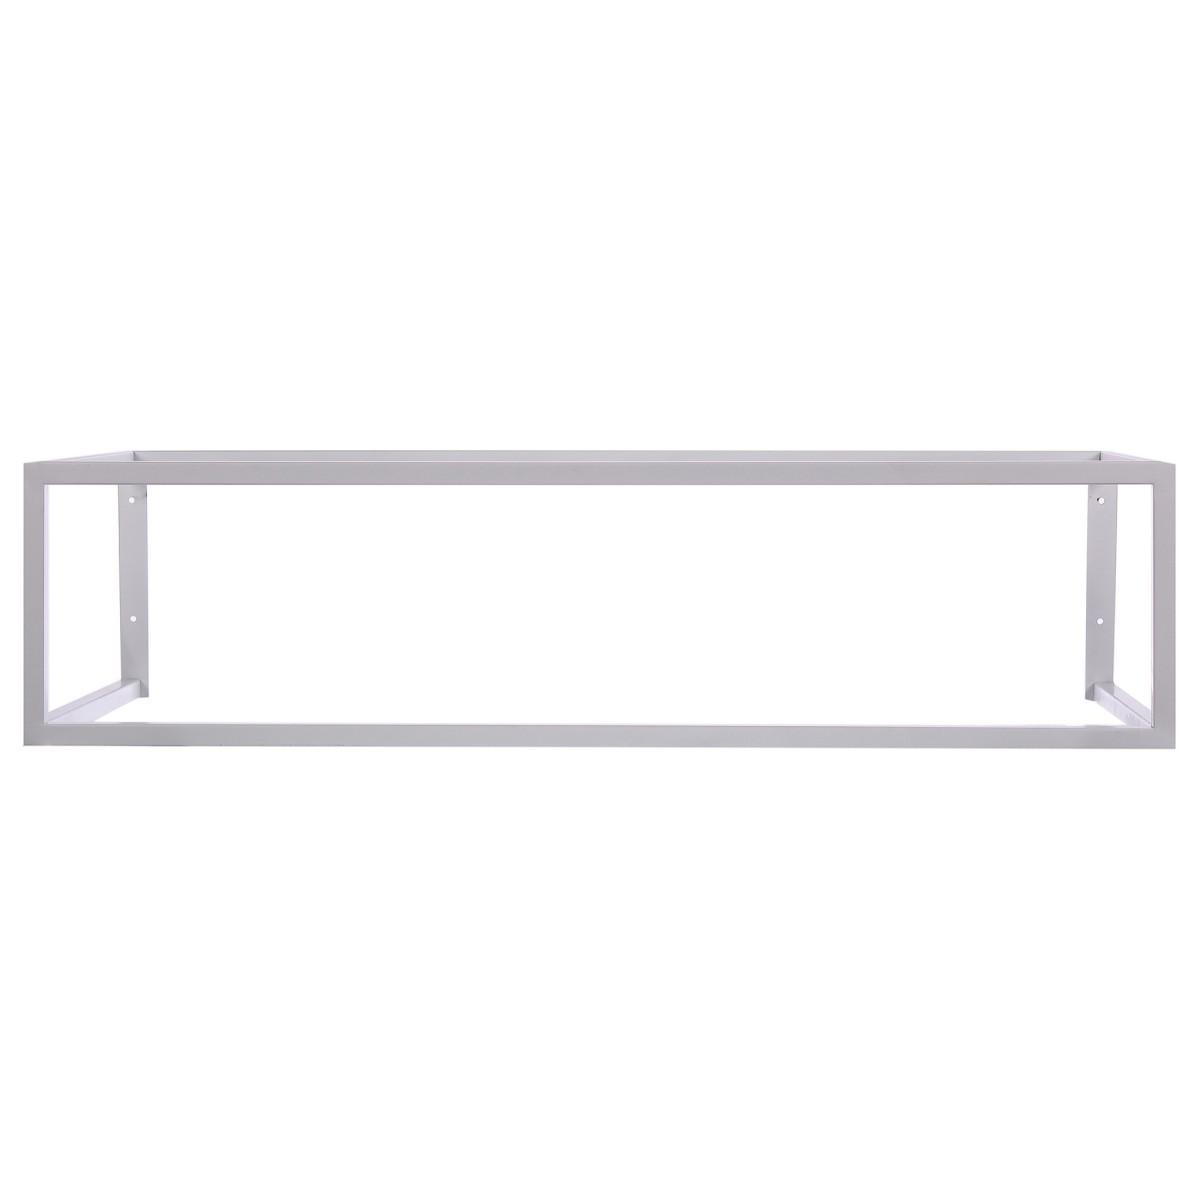 Кронштейн подвесной для столешницы 995х450х250 см цвет белый